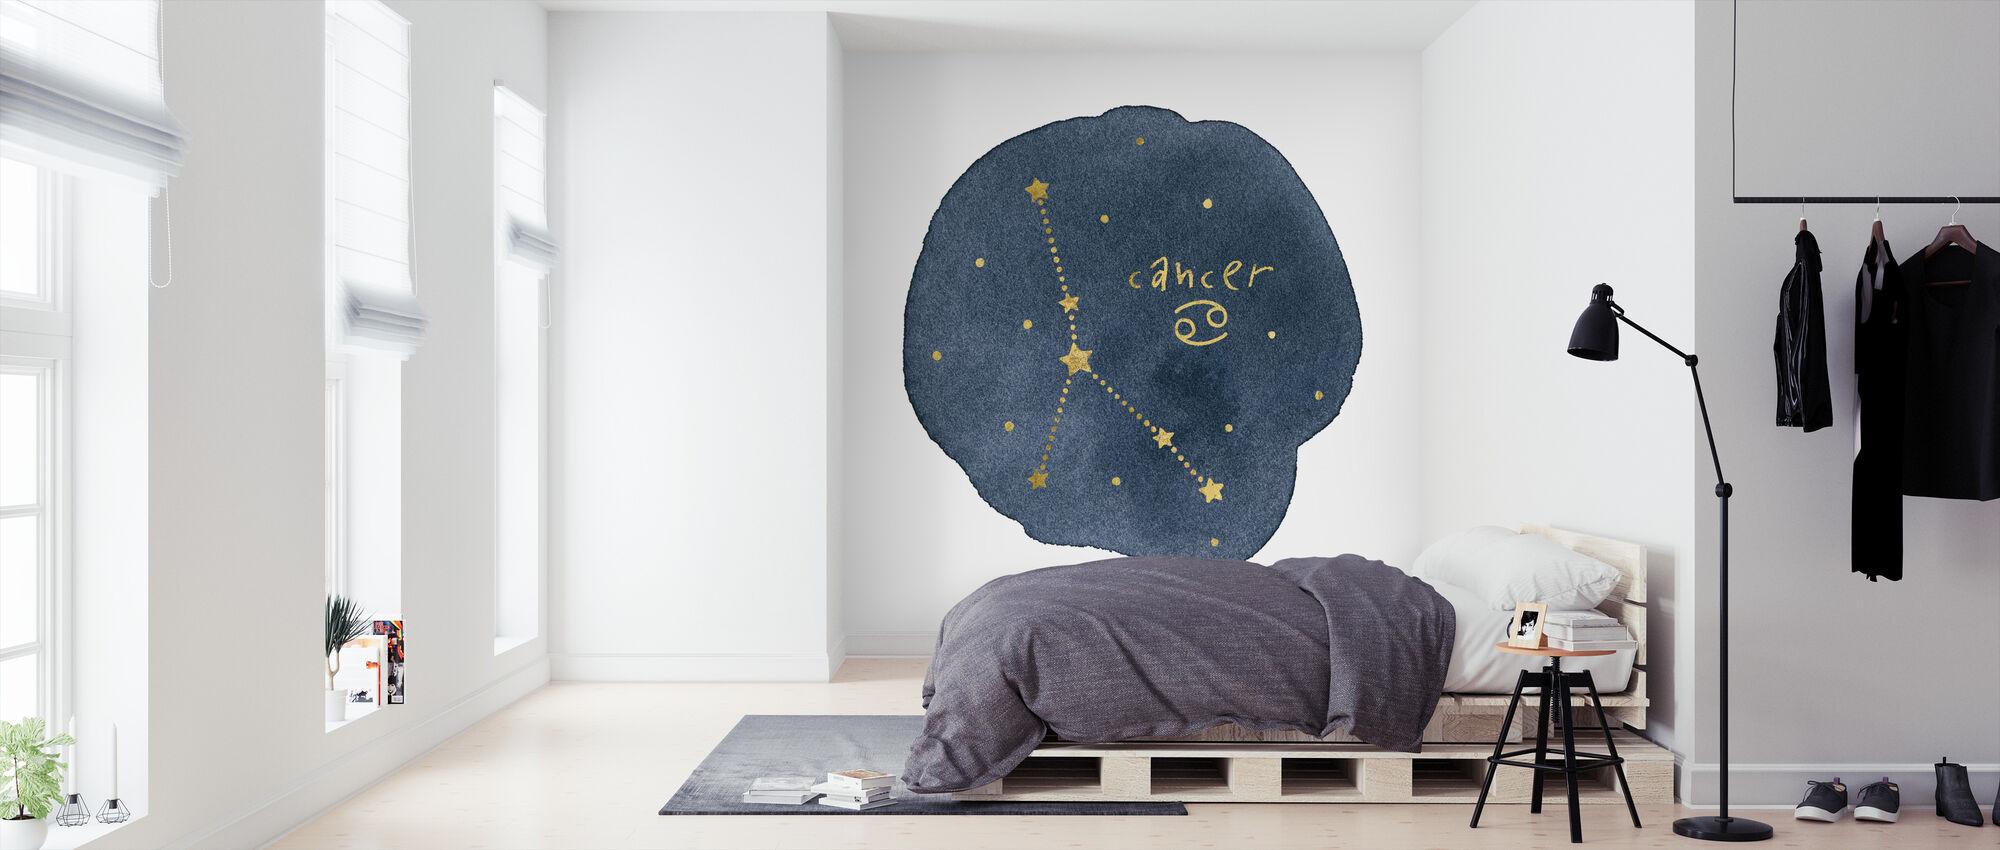 Horoscope Cancer - Wallpaper - Bedroom